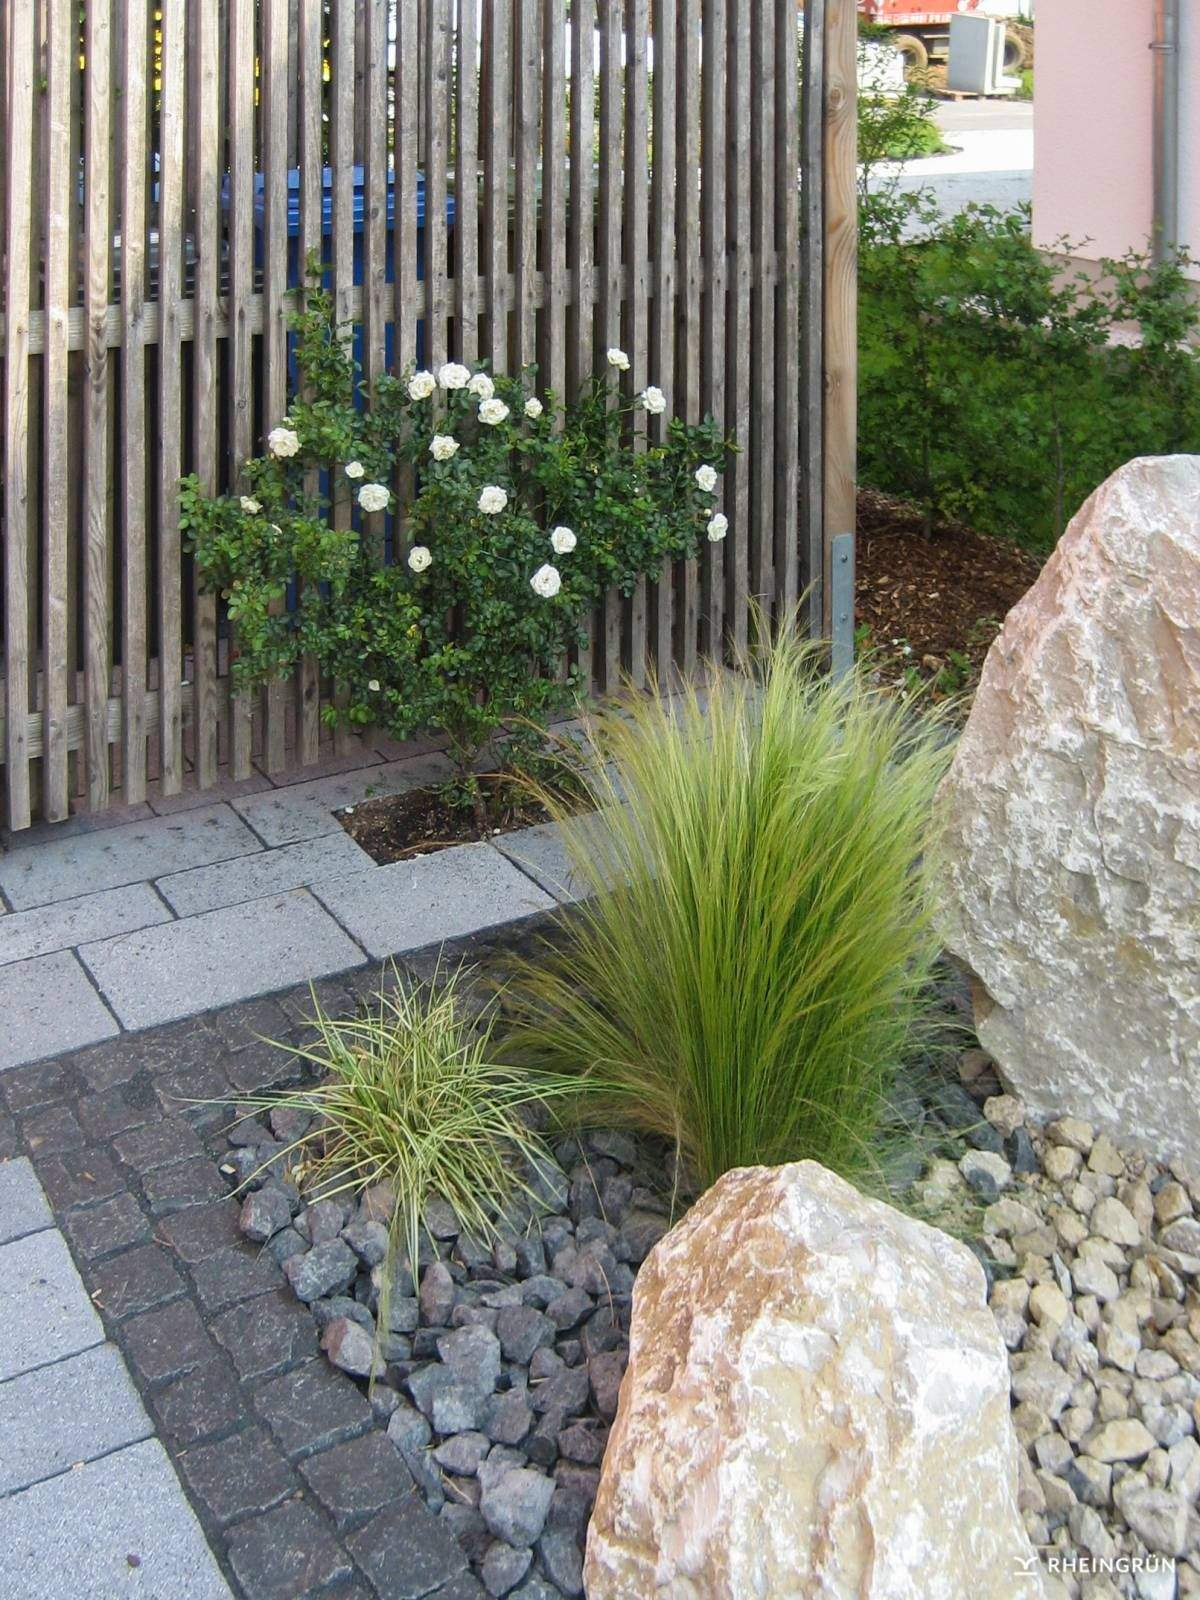 Pflegeleichte Gartengestaltung Inspirierend 37 Frisch Pflegeleichter Garten Bilder Luxus